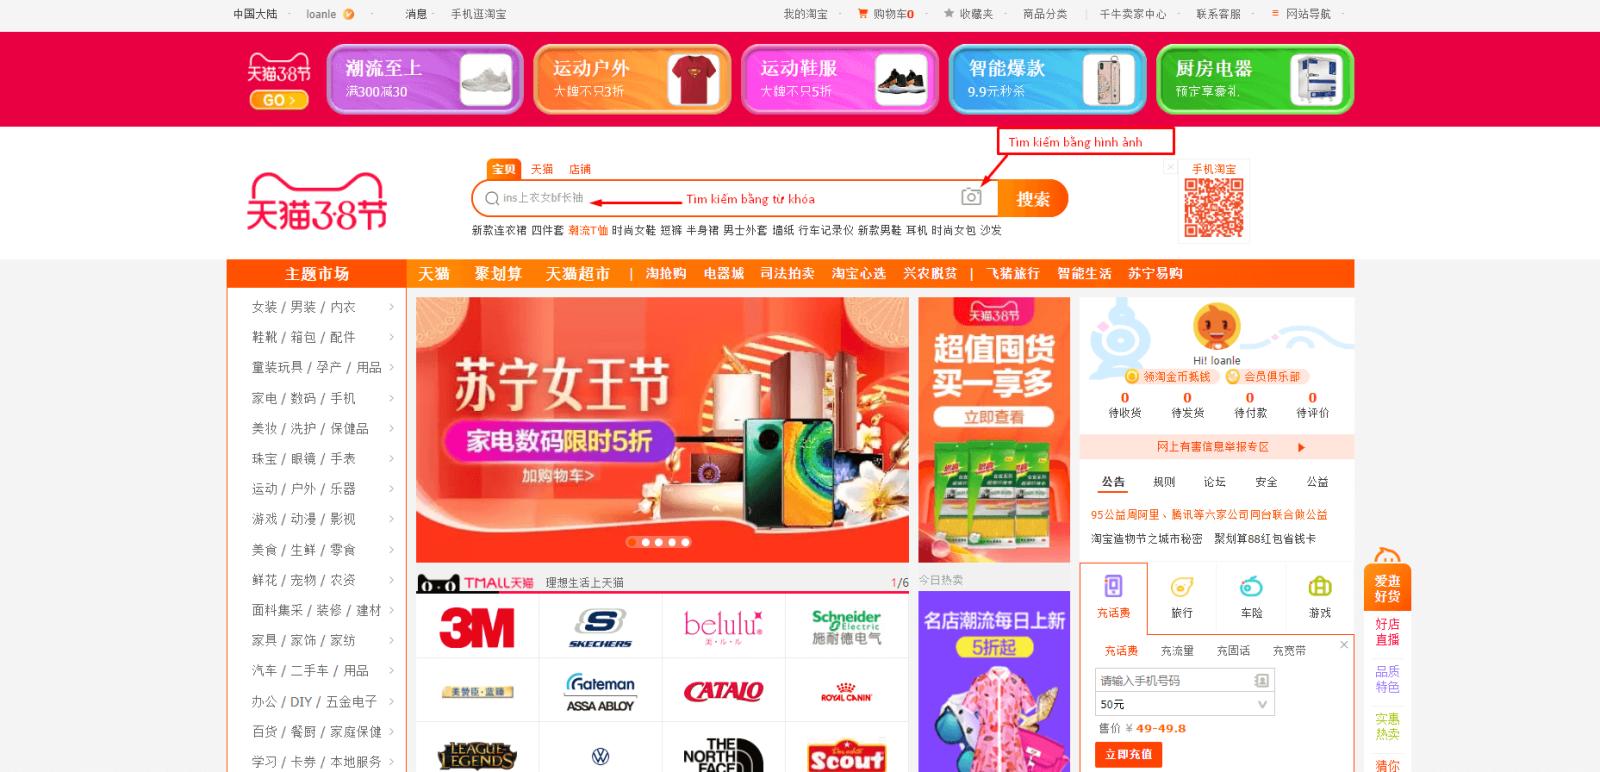 tìm kiếm sản phẩm đặt hàng Taobao